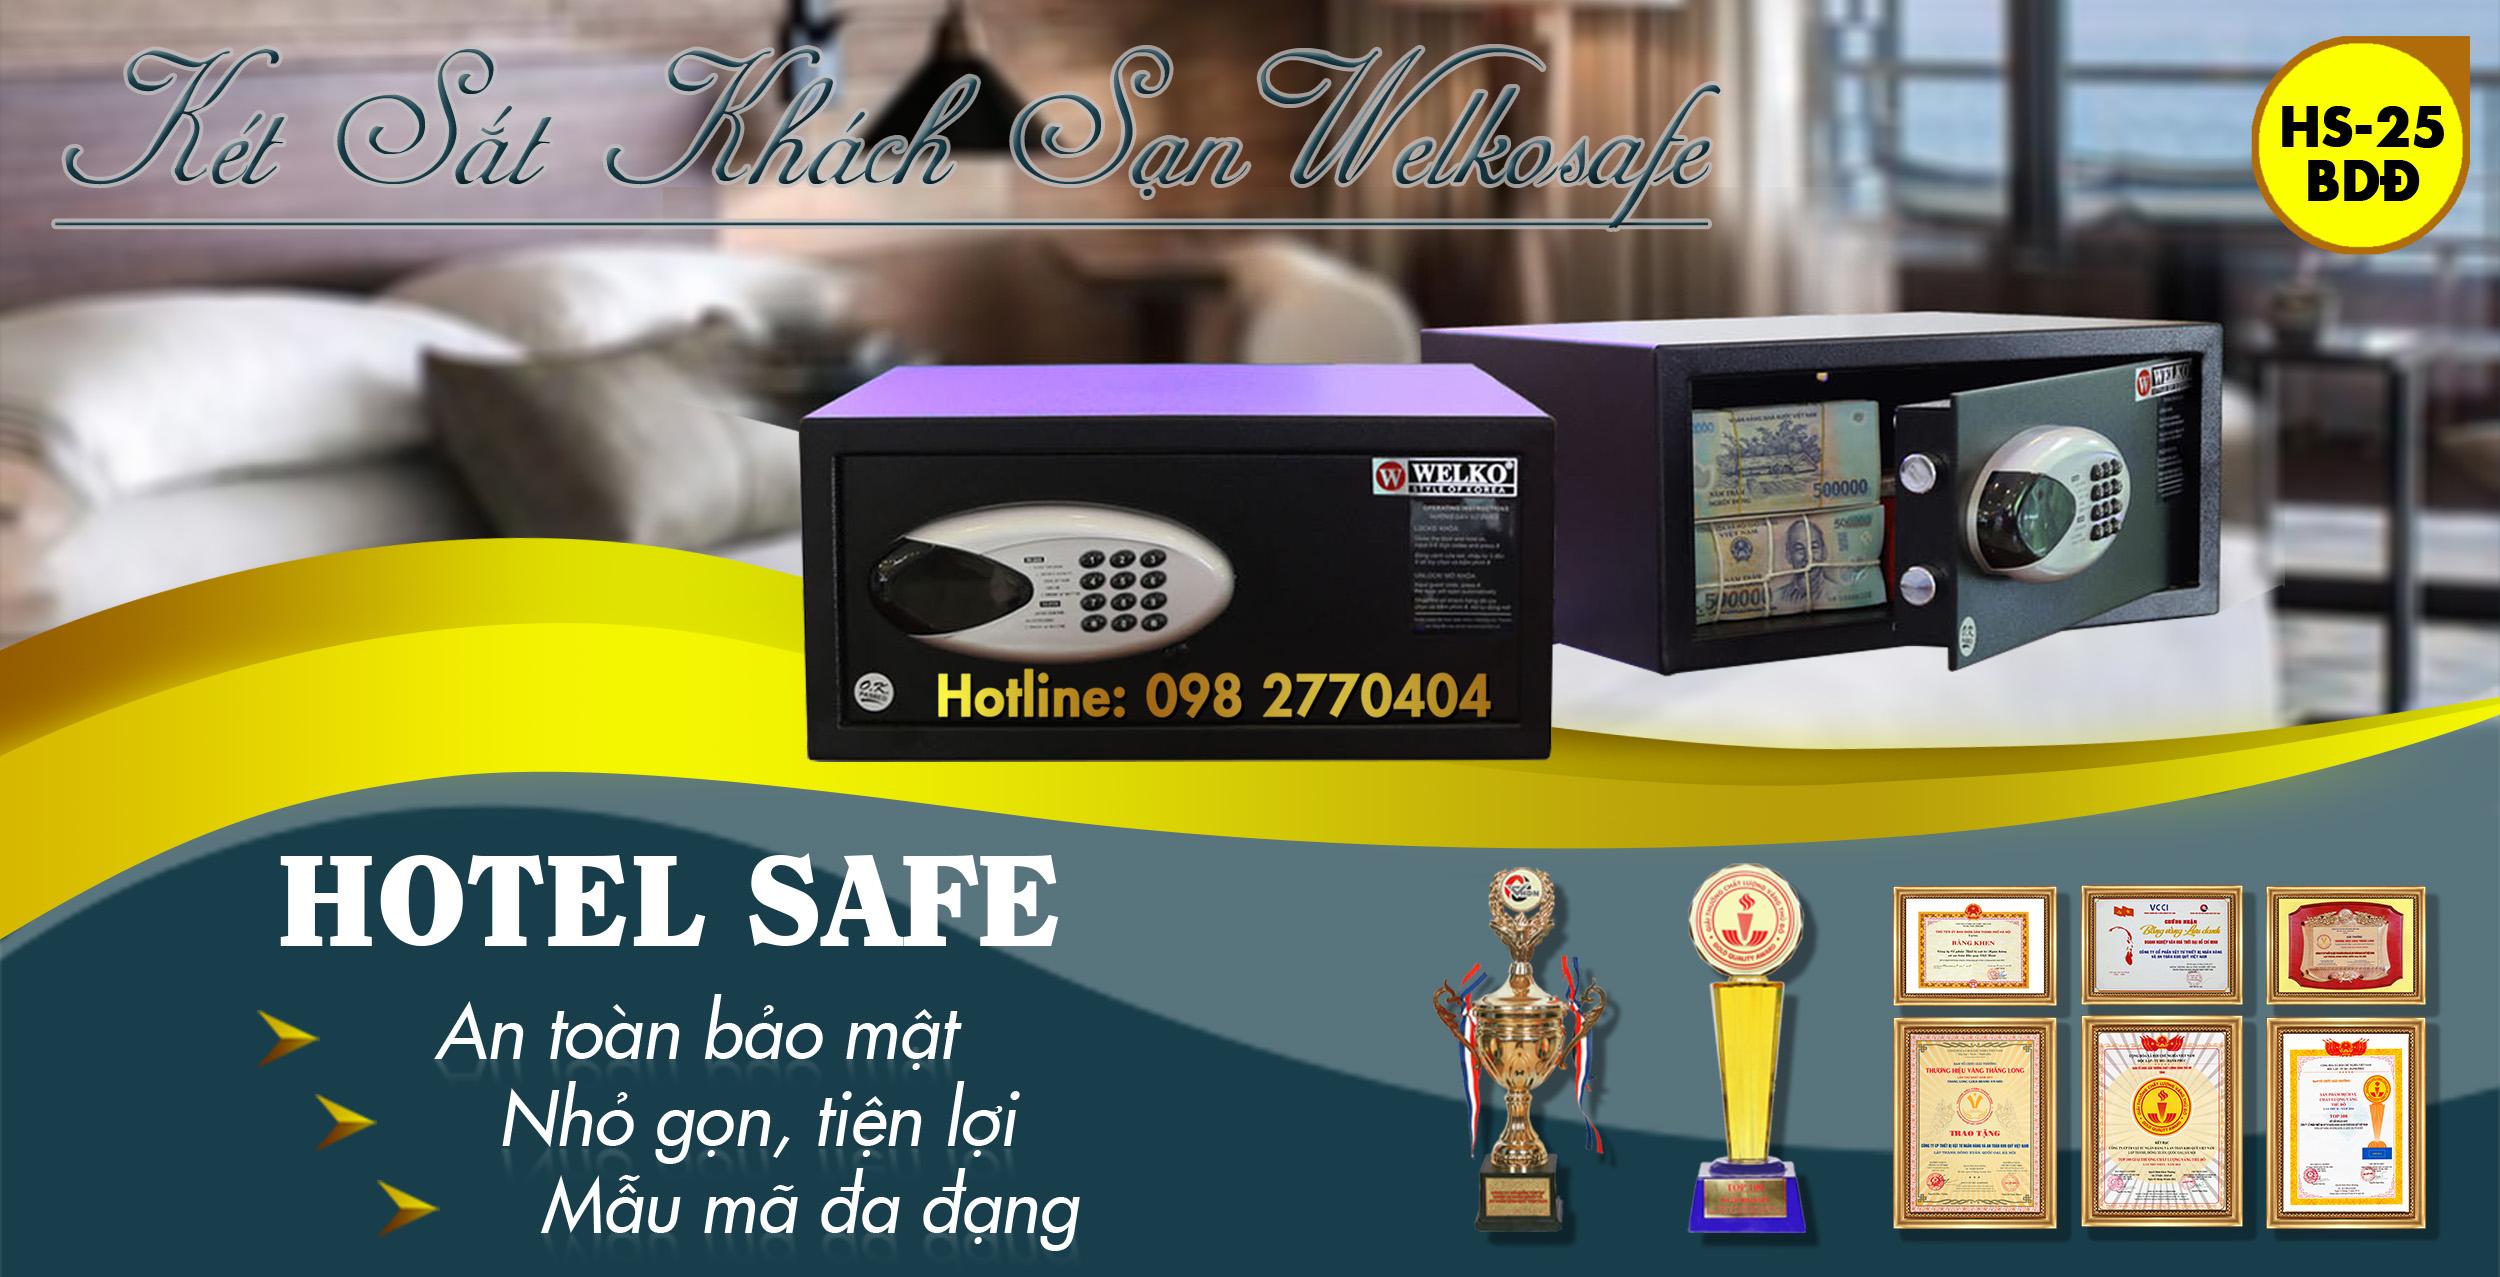 két sắt khách sạn bán chạy nhất 2020